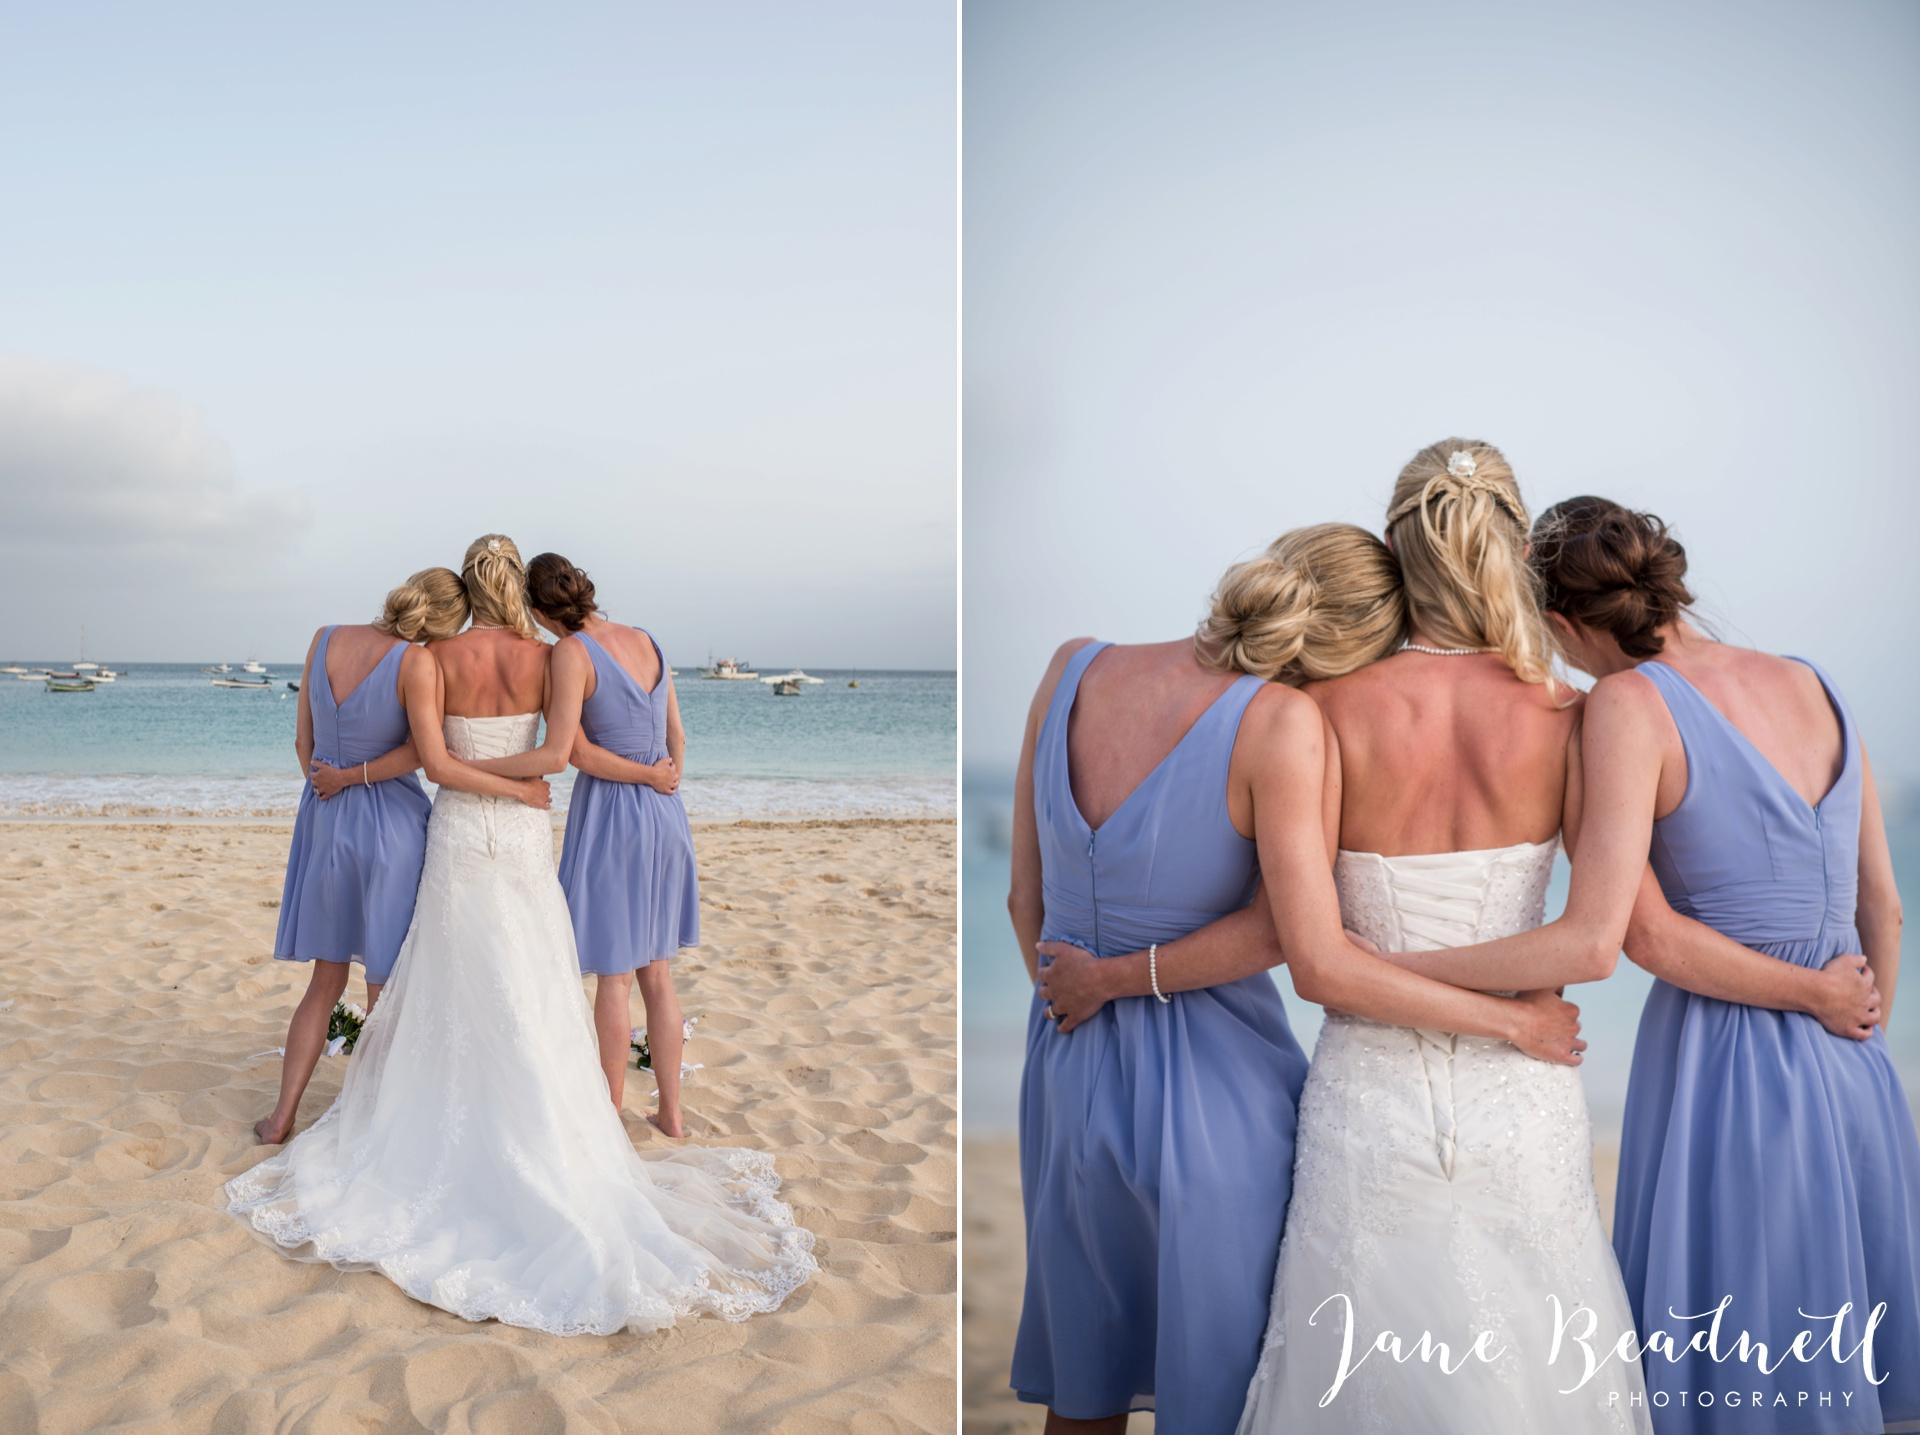 Jane Beadnell fine art wedding photographer Leeds Destination wedding photographer_0025